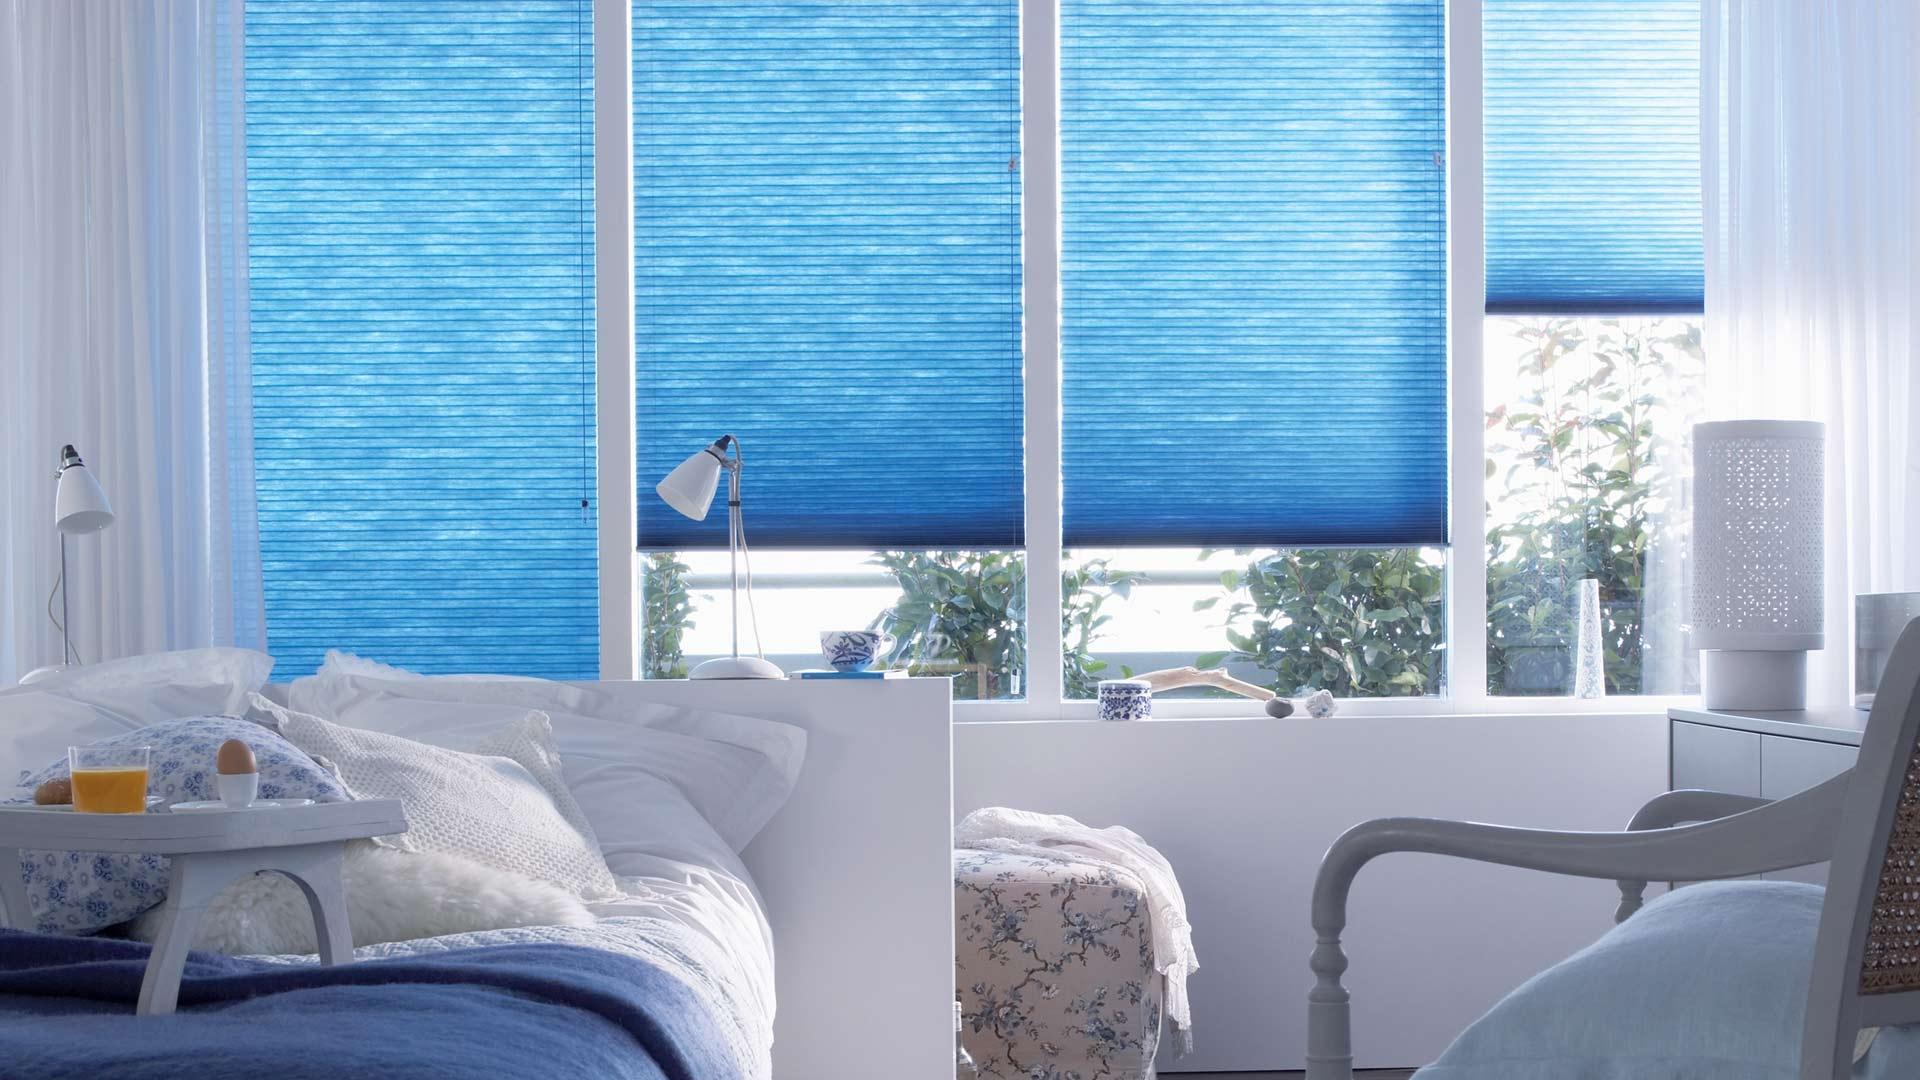 Шторы. Как выбрать шторы для своего интерьера